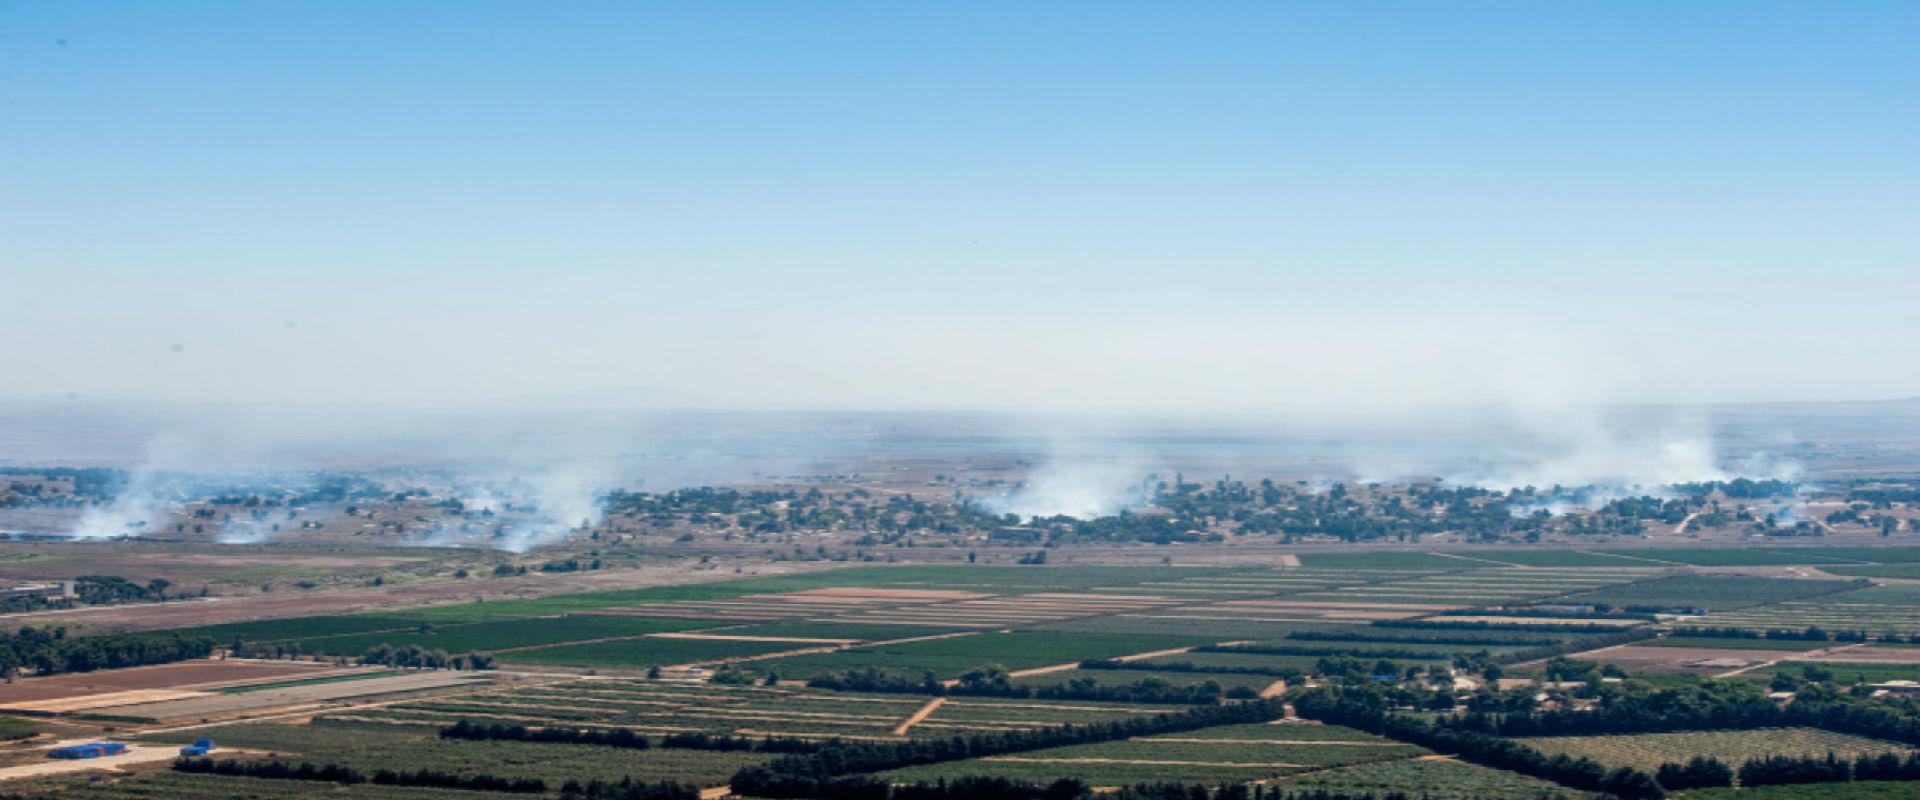 טנק ישראלי ברמת הגולן